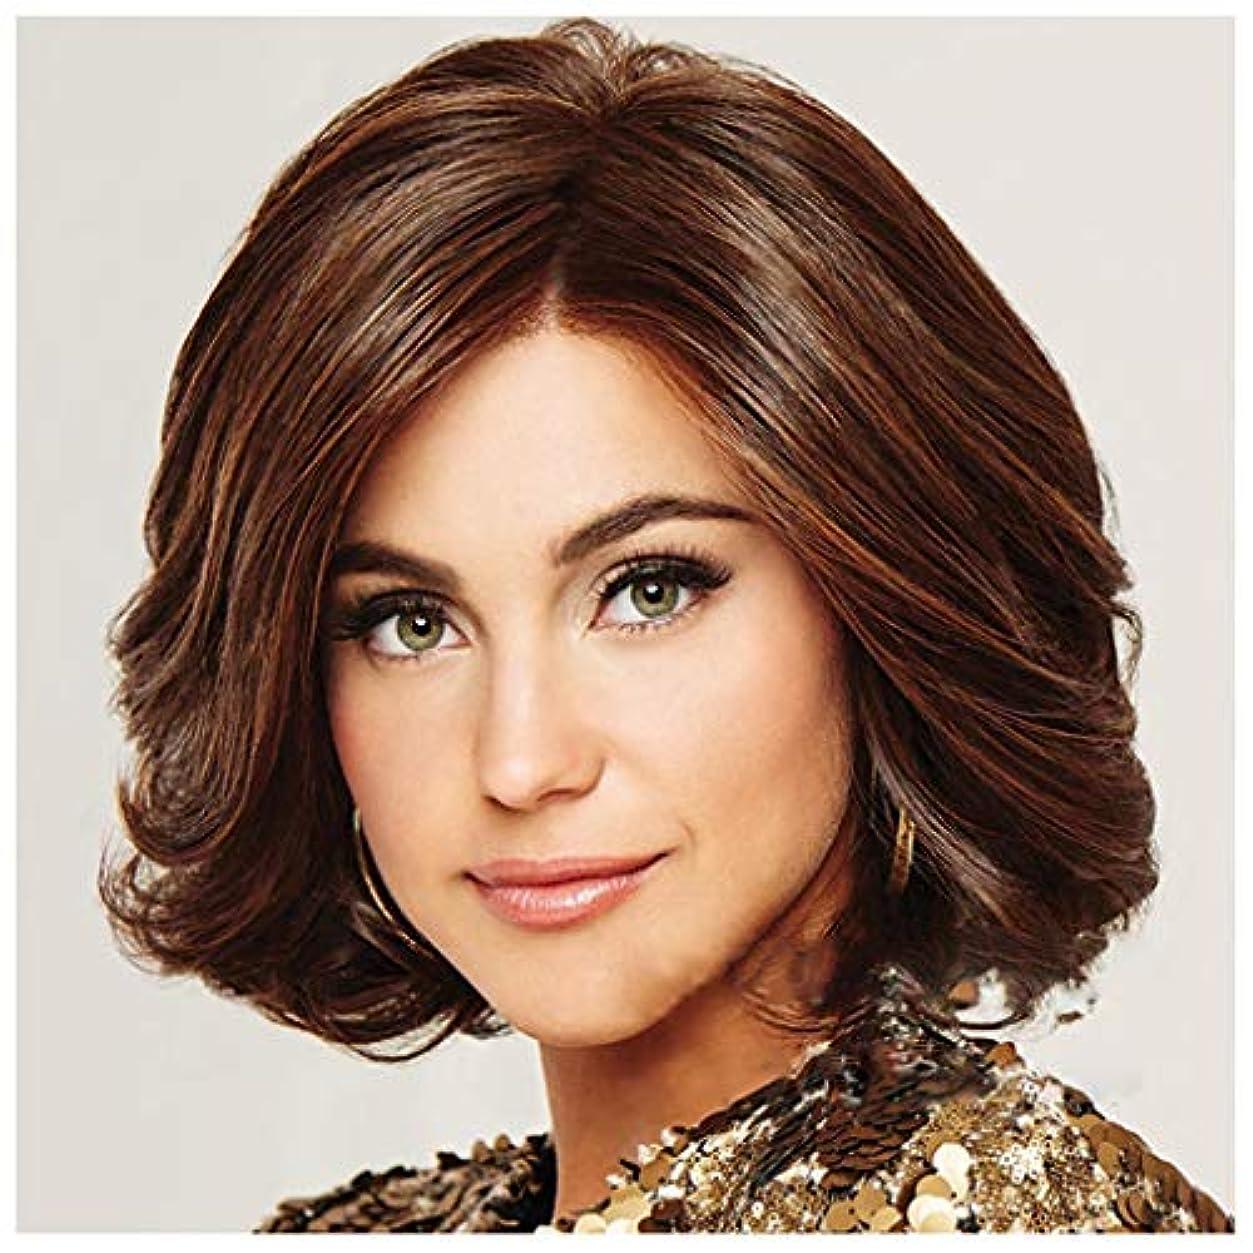 バクテリア人物安全性ファッションショートカーリーヘアウィッグ、スーパーナチュラルウィメンズボブスタイル耐熱合成本物の人間の髪の毛のかつら、女性のためのコスプレウィッグ